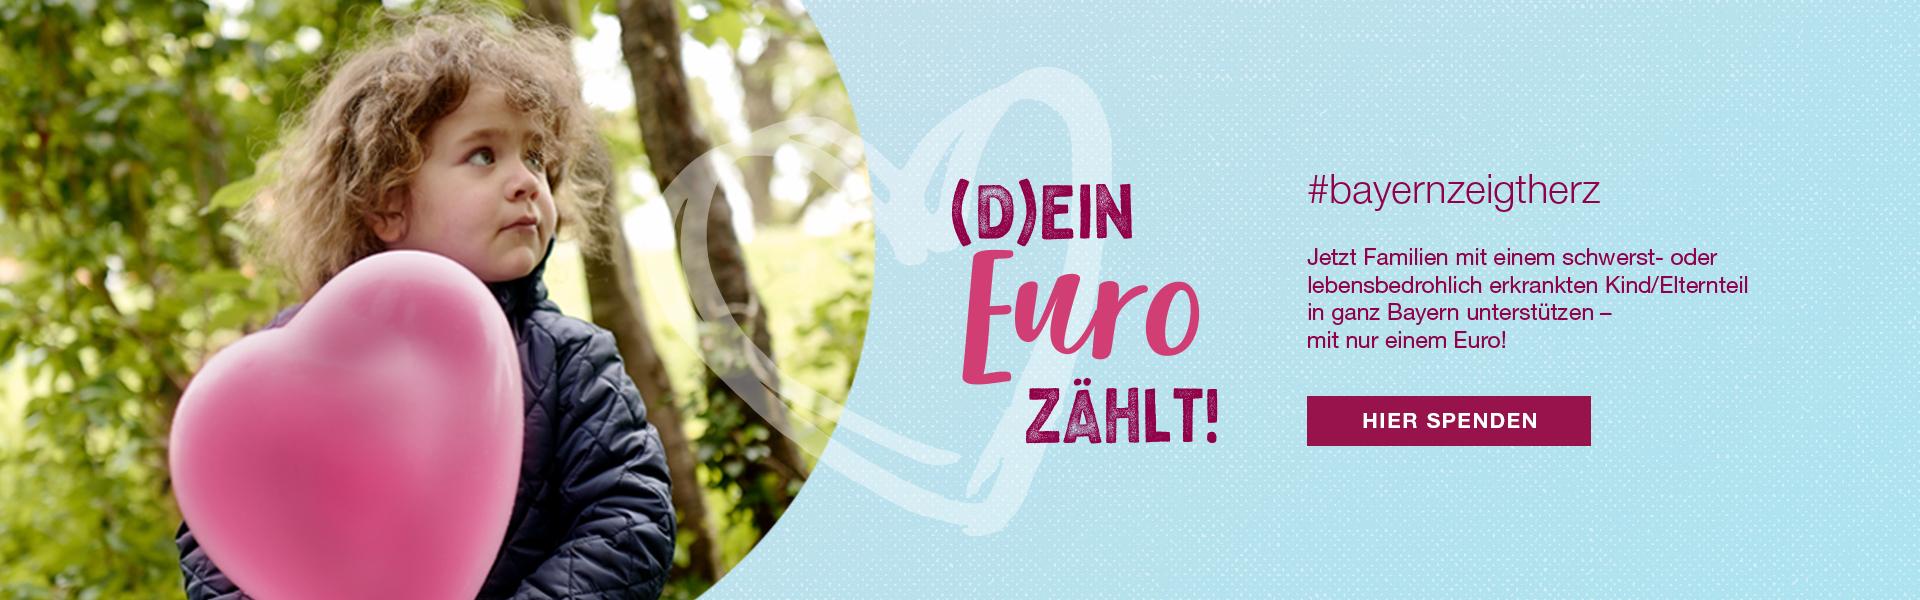 Bayern zeigt Herz Ein Euro Aktion